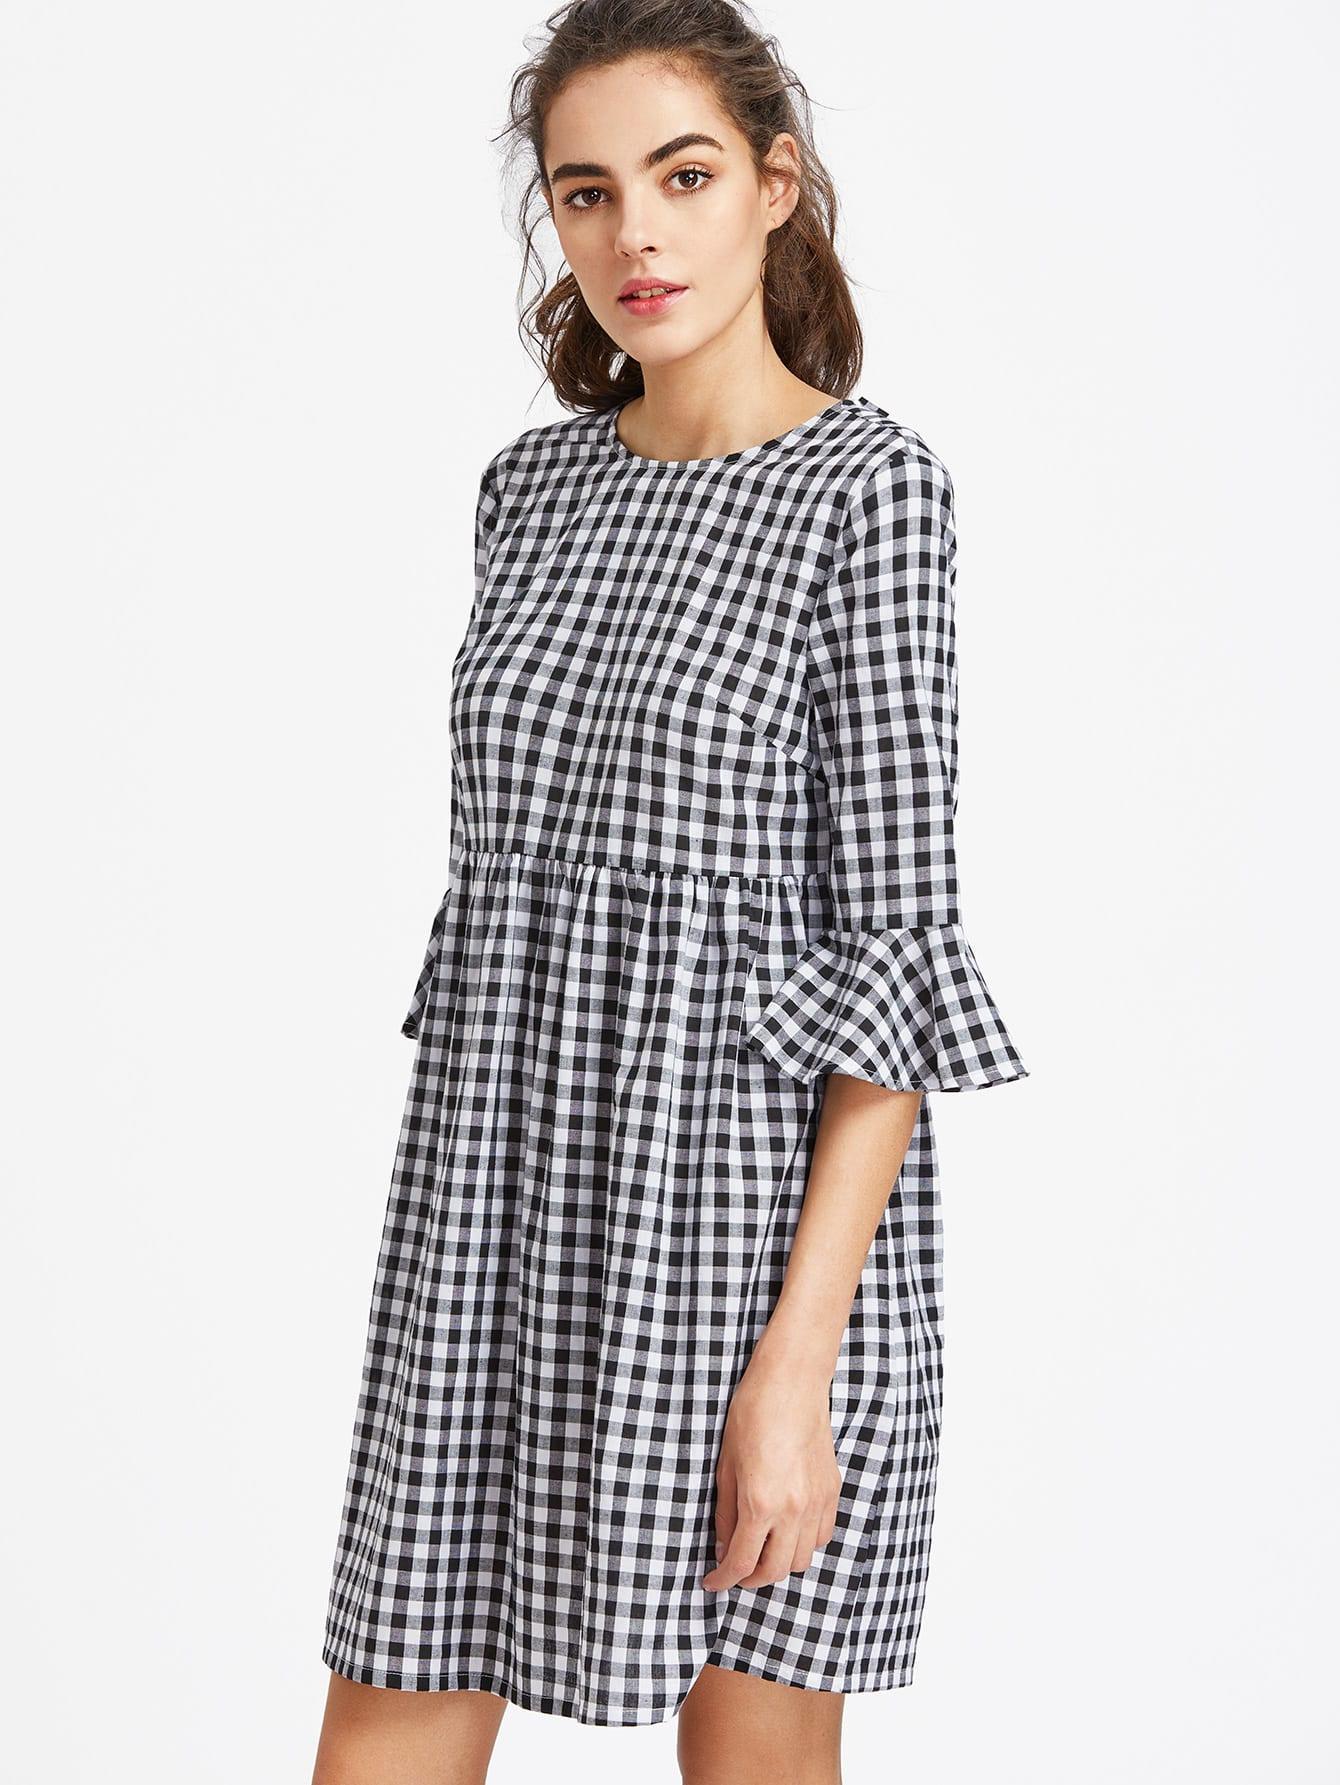 dress170420712_2